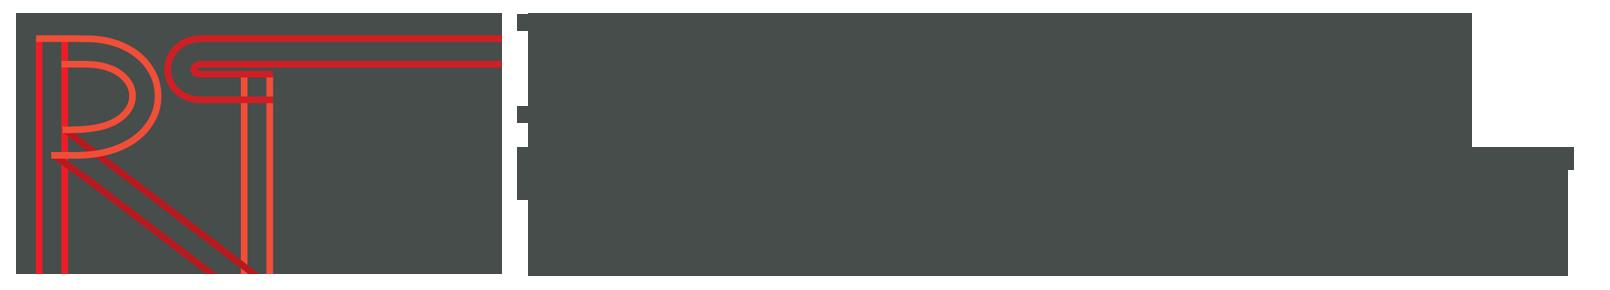 robotics-tomorrow-logo2016.png